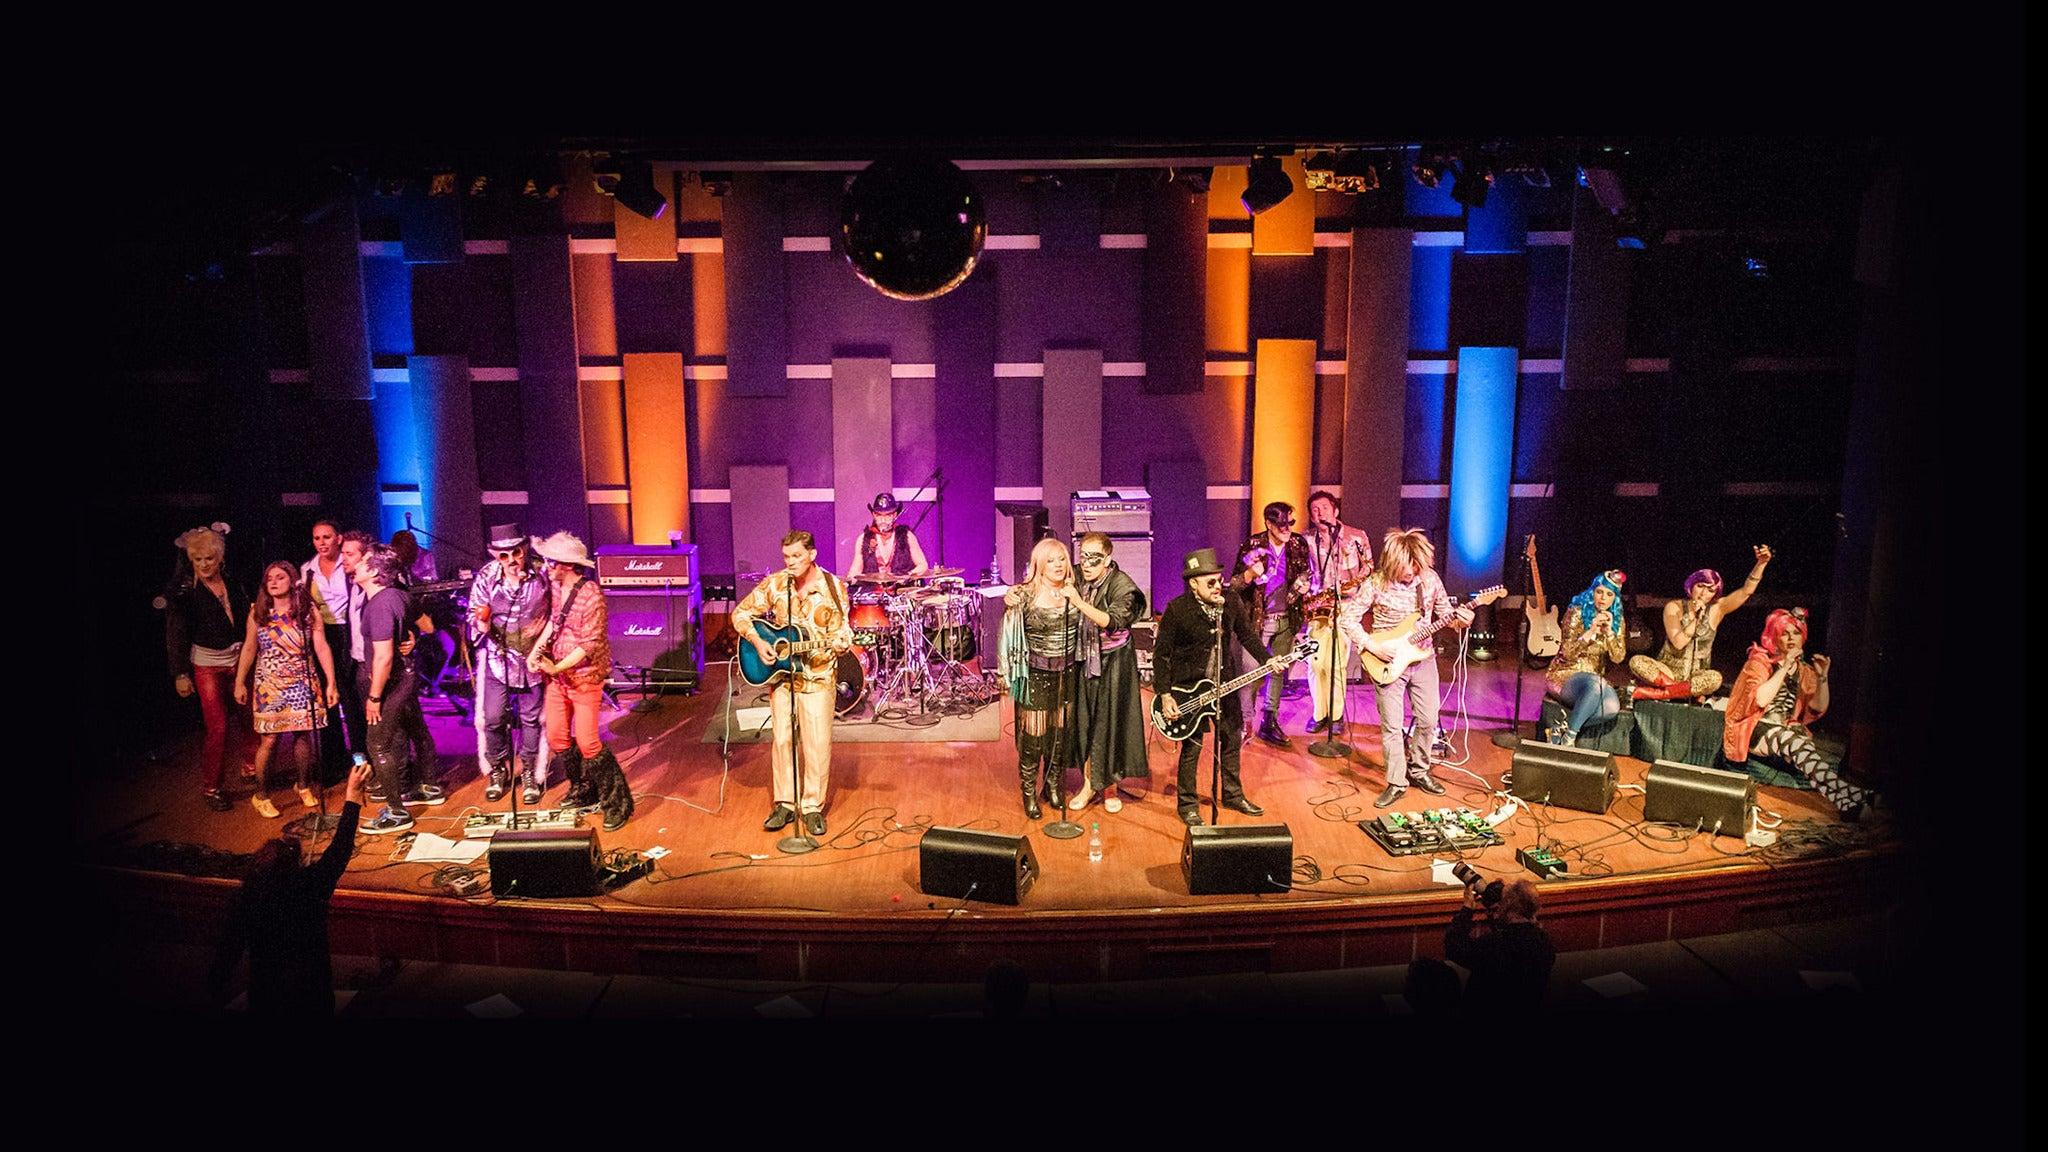 Candy Volcano & Chicago 9 at Scottish Rite Auditorium